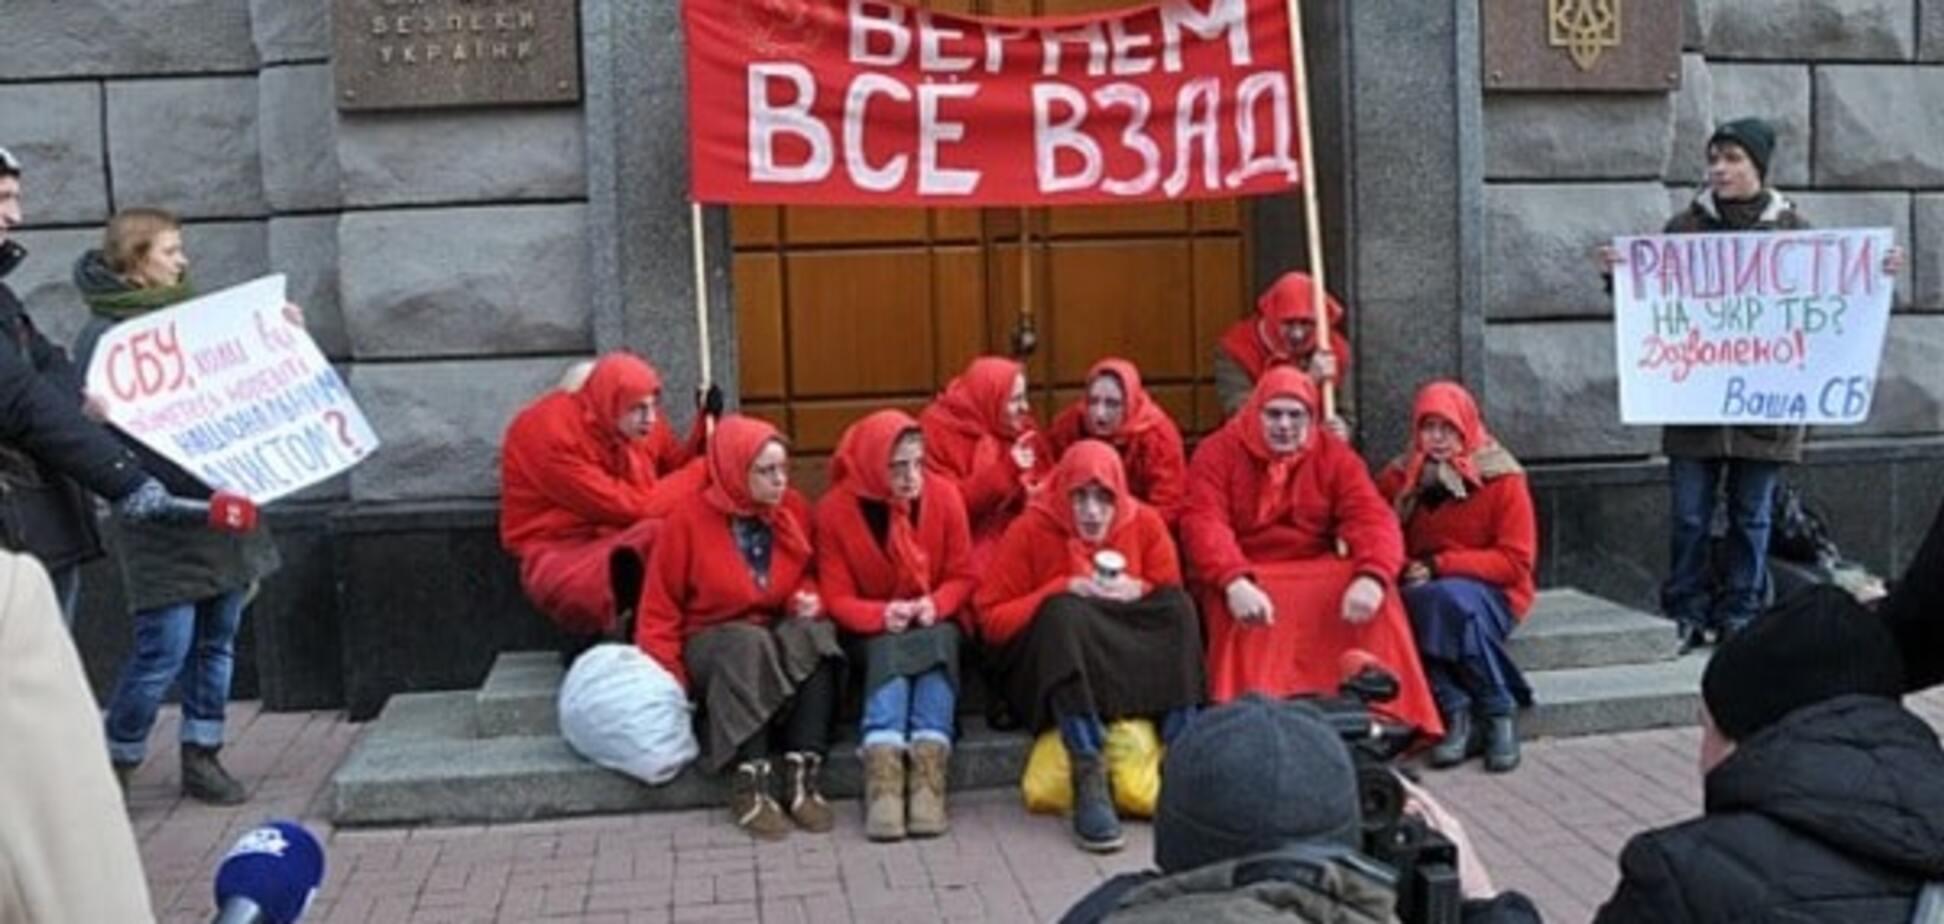 'Червоні бабки' у Києві 'підірвали' спокій біля будівлі СБУ: опубліковані фото і відео